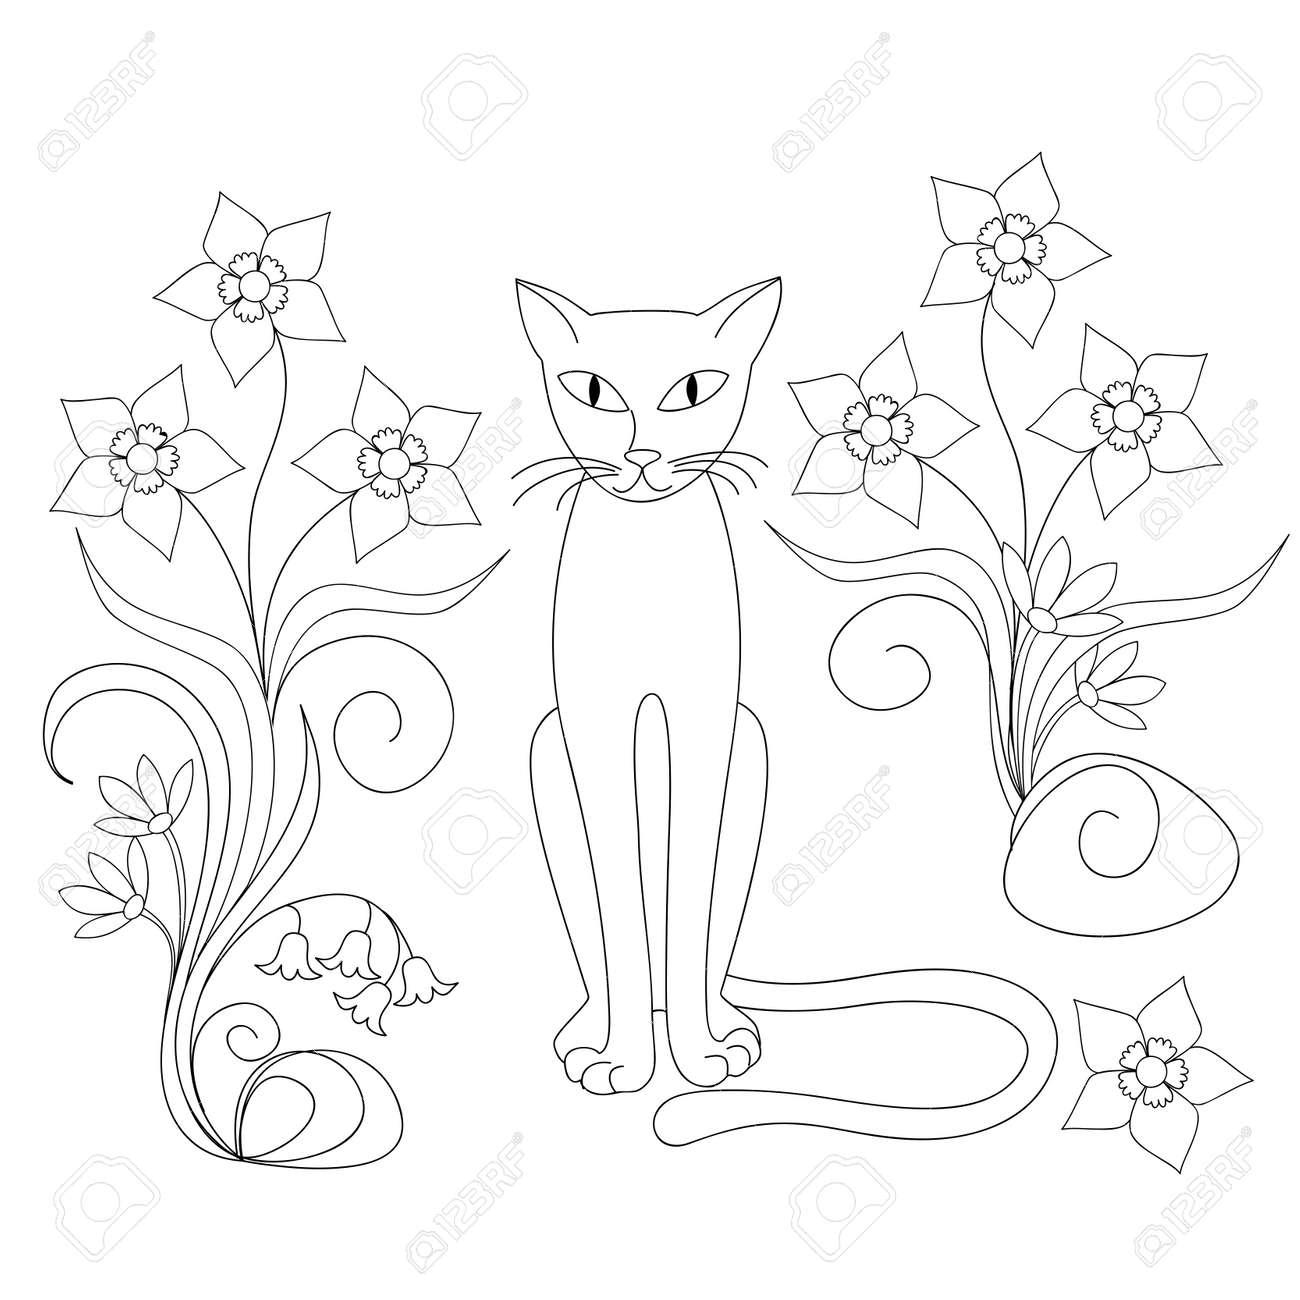 Dibujado A Mano Gato De Dibujos Animados Y Flores Para Decorar La - Imagenes-para-decorar